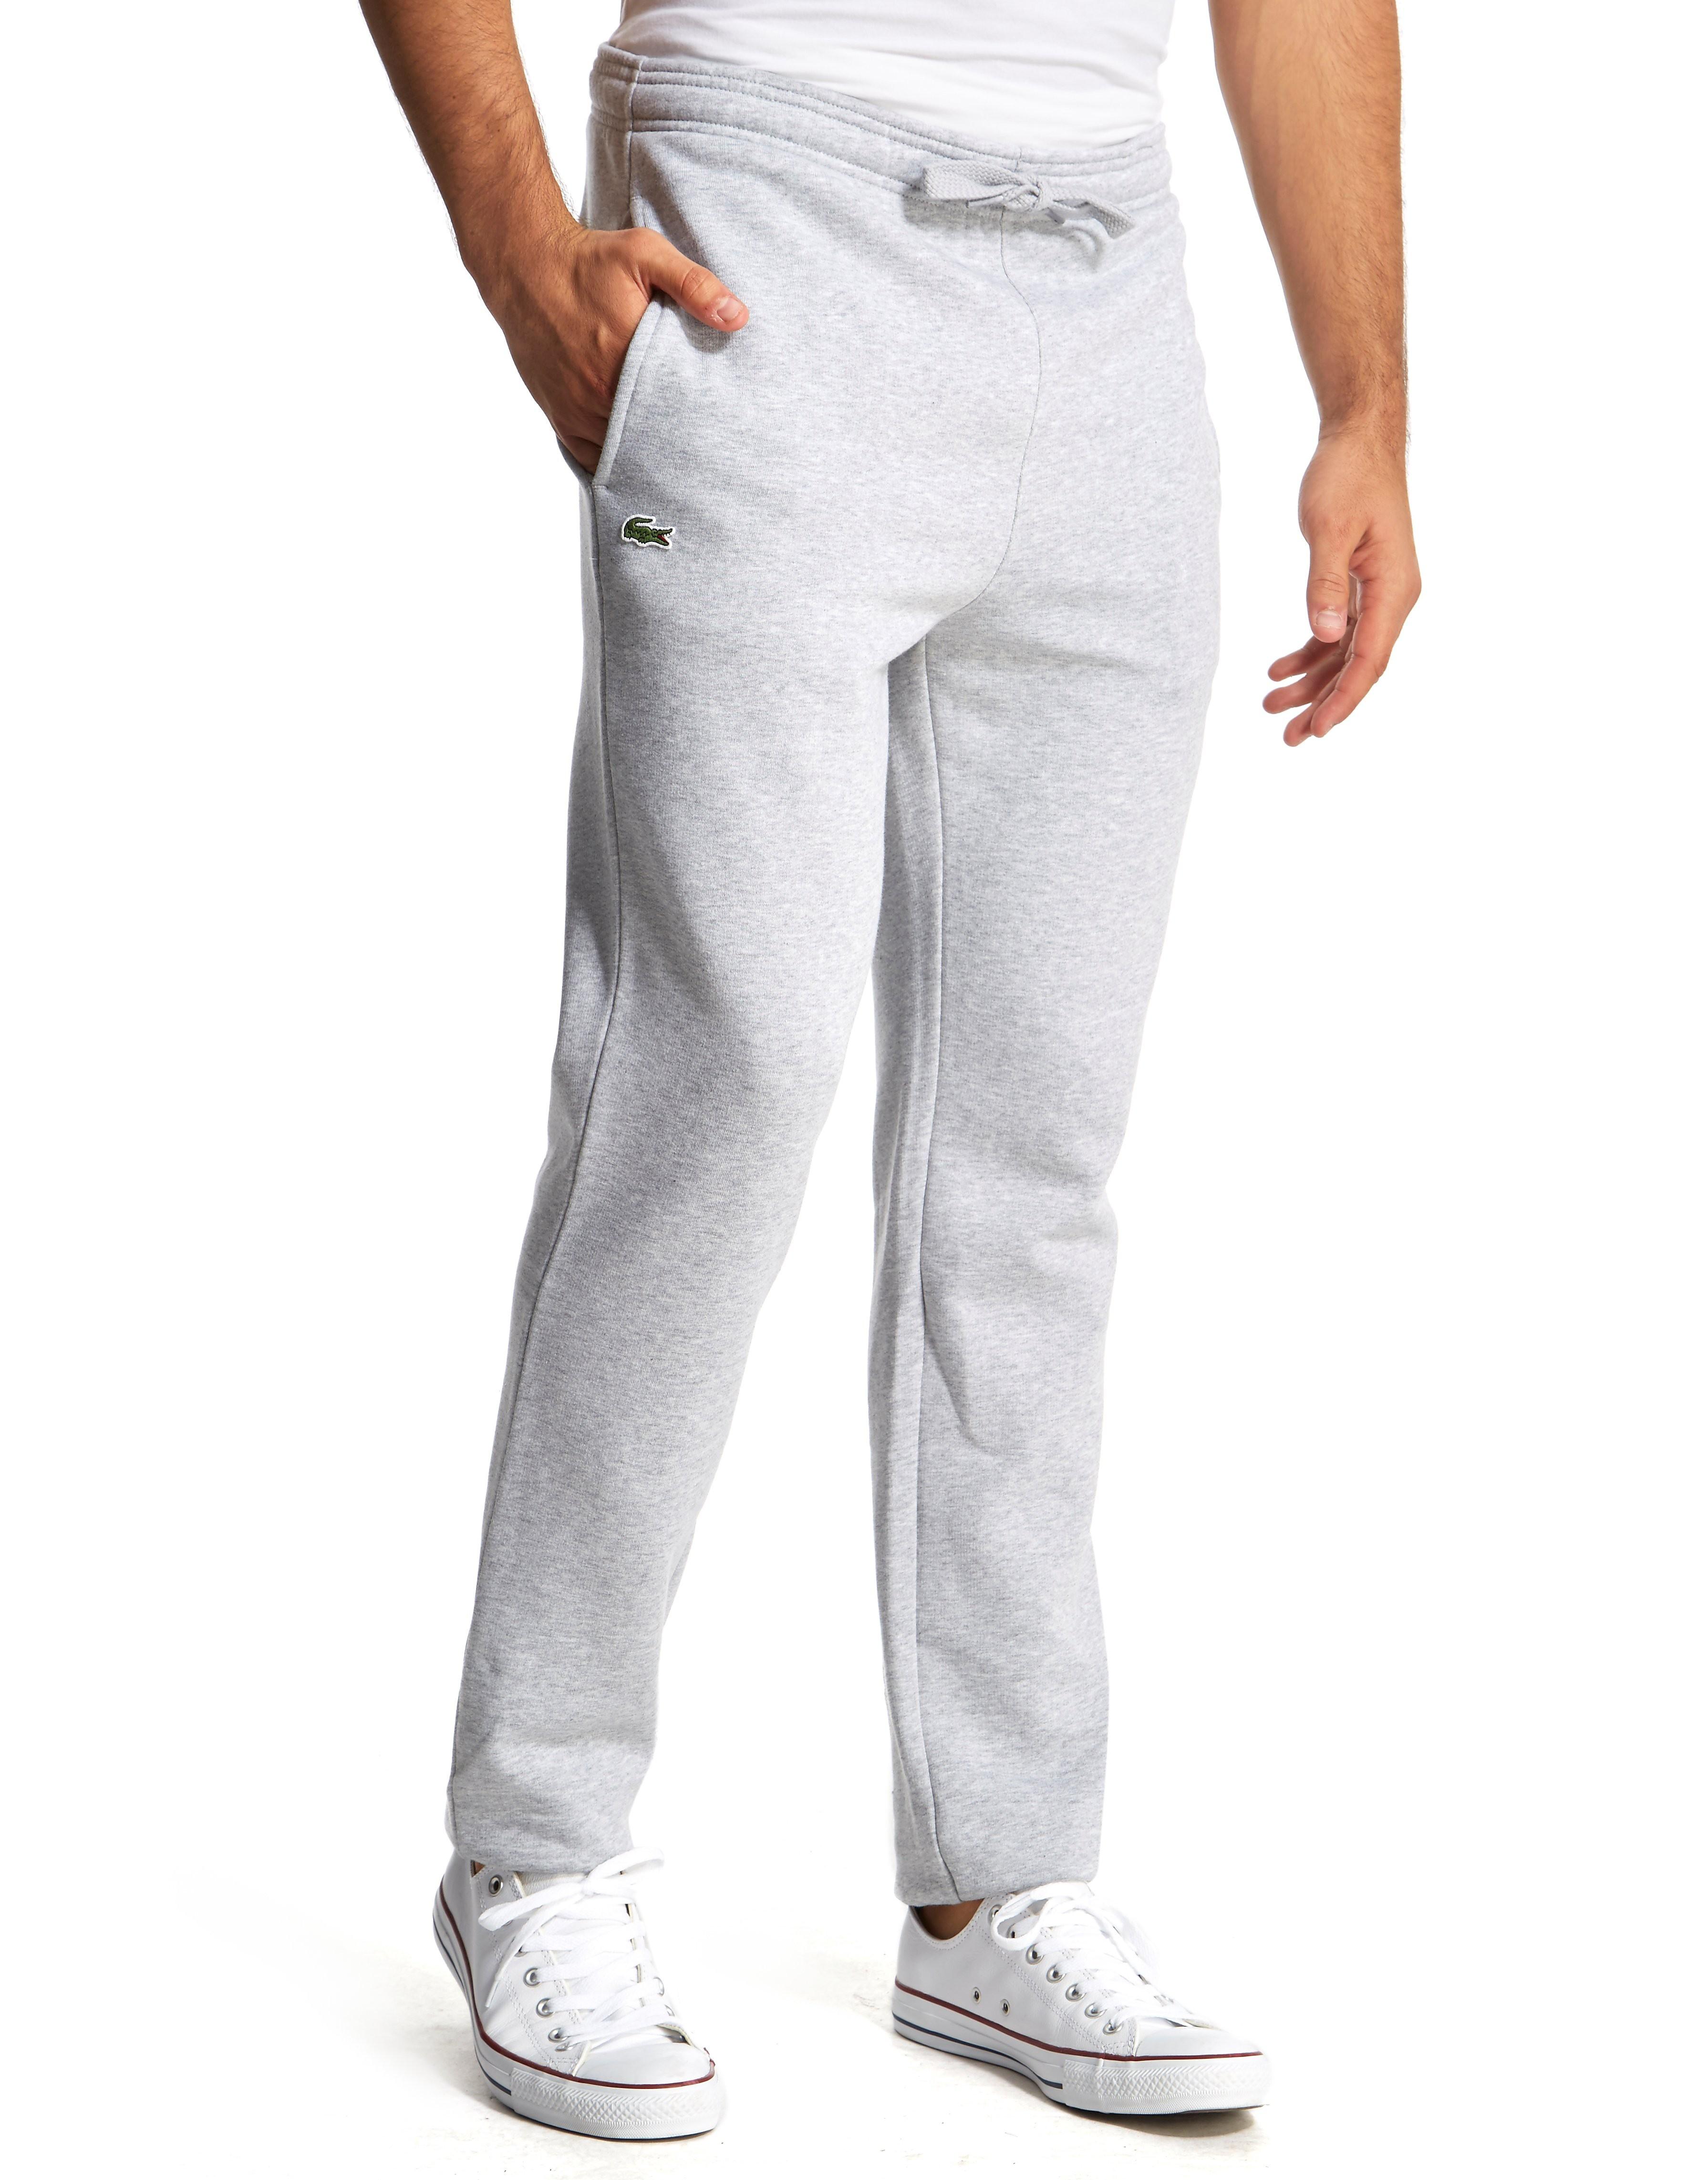 Lacoste pantalón de chándal Cuffed Fleece